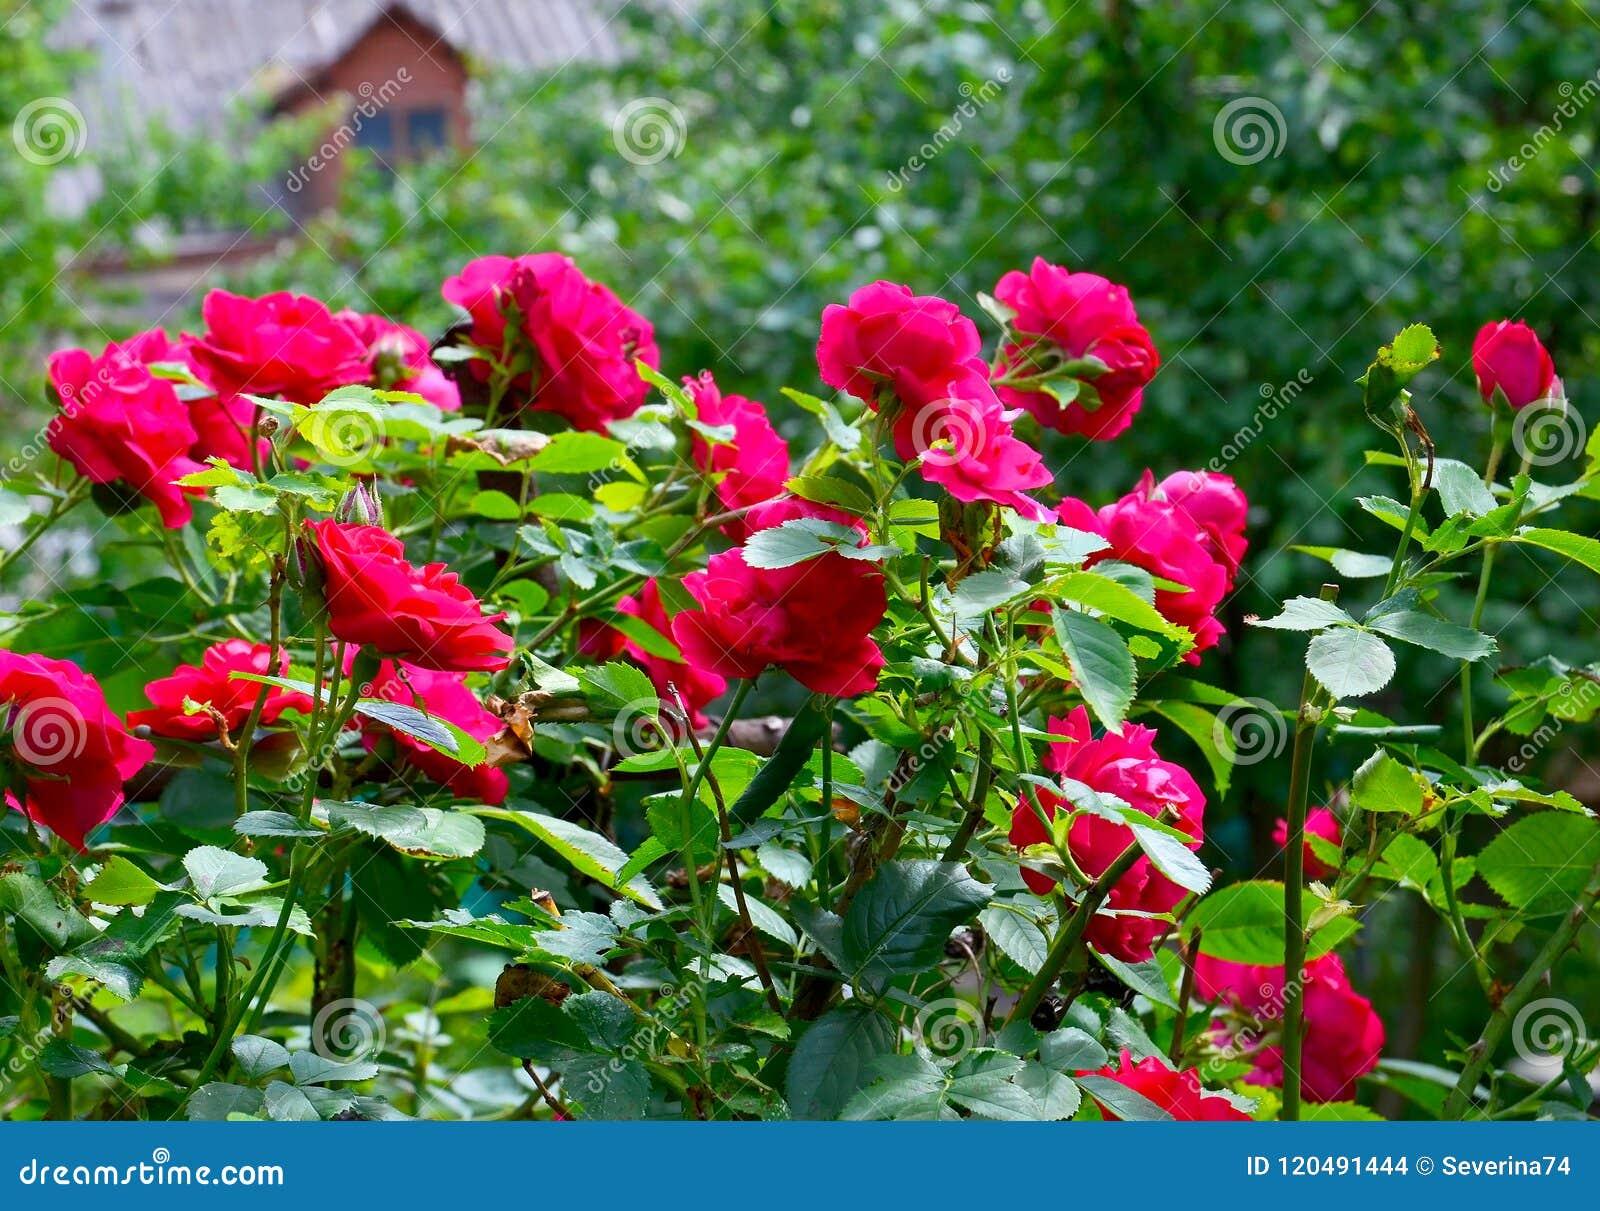 Schöne rote kletternde Rosen im Sommer arbeiten im Garten Dekorative Blumen oder Gartenarbeitkonzept